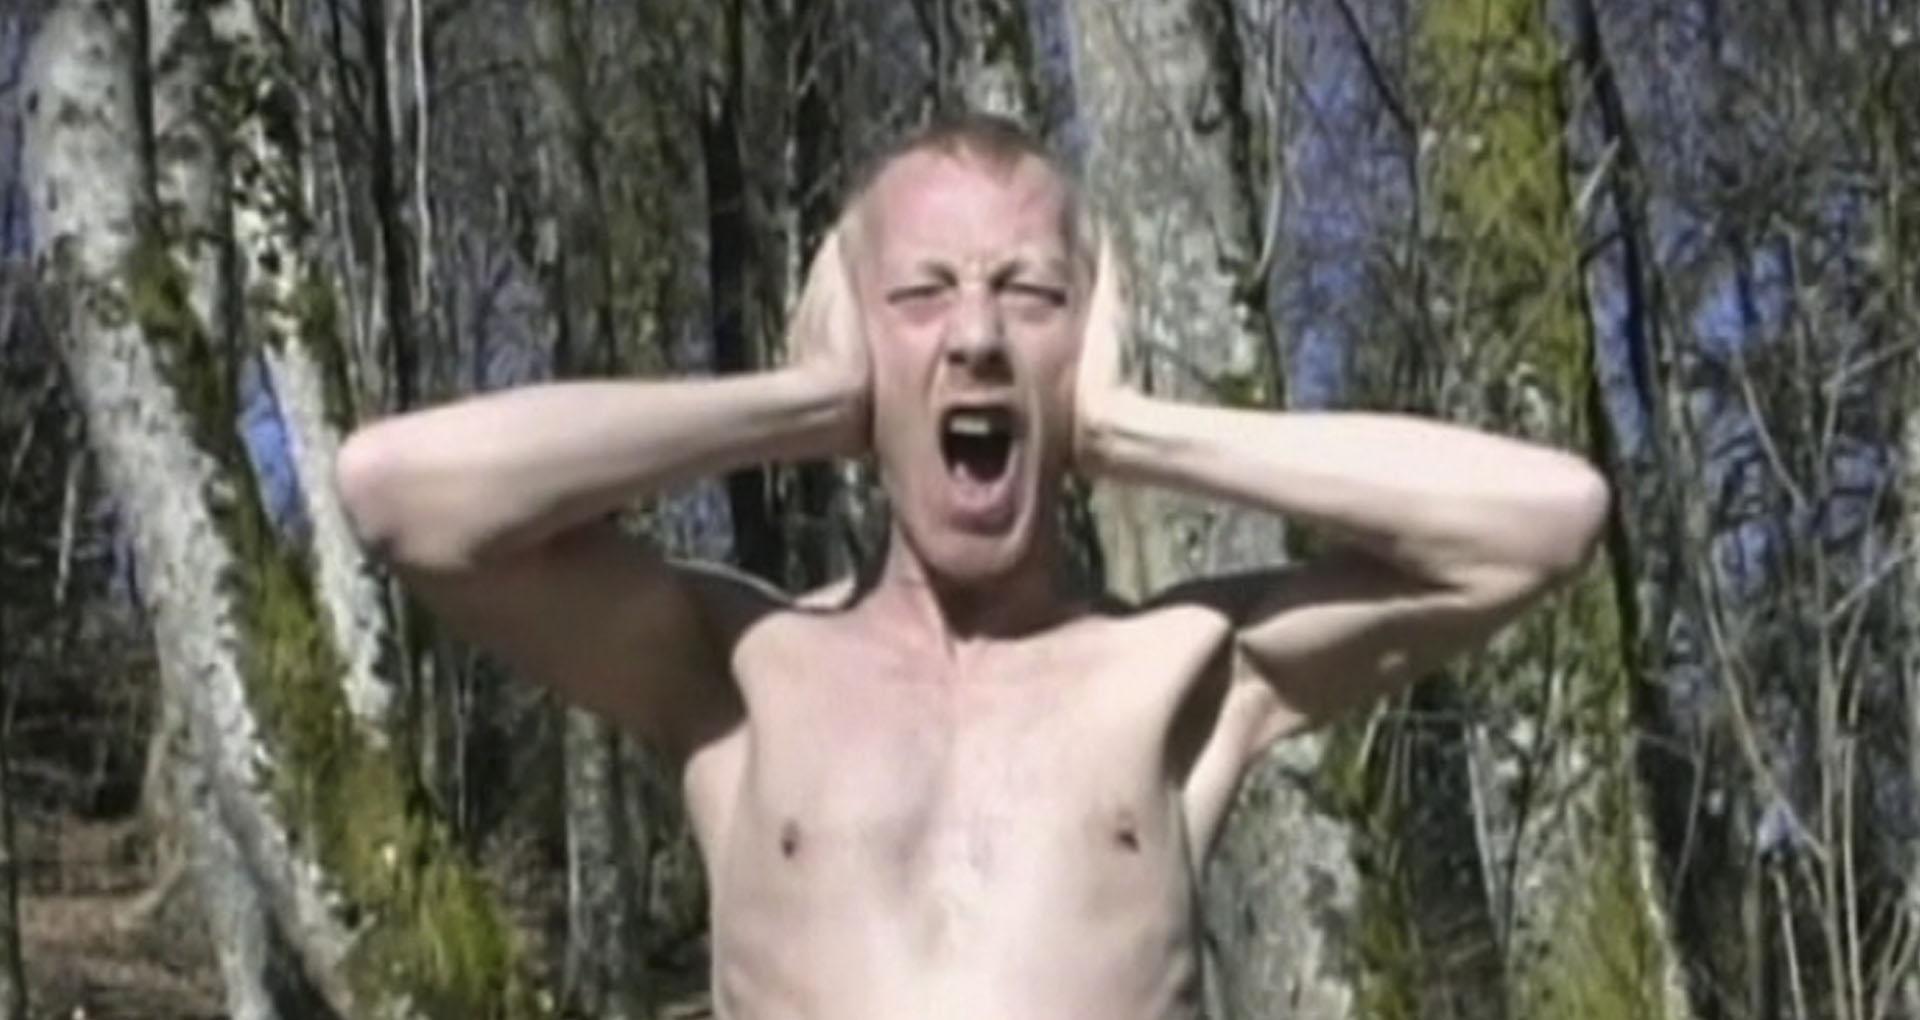 image couleur, un homme torse nu cri dans les bois